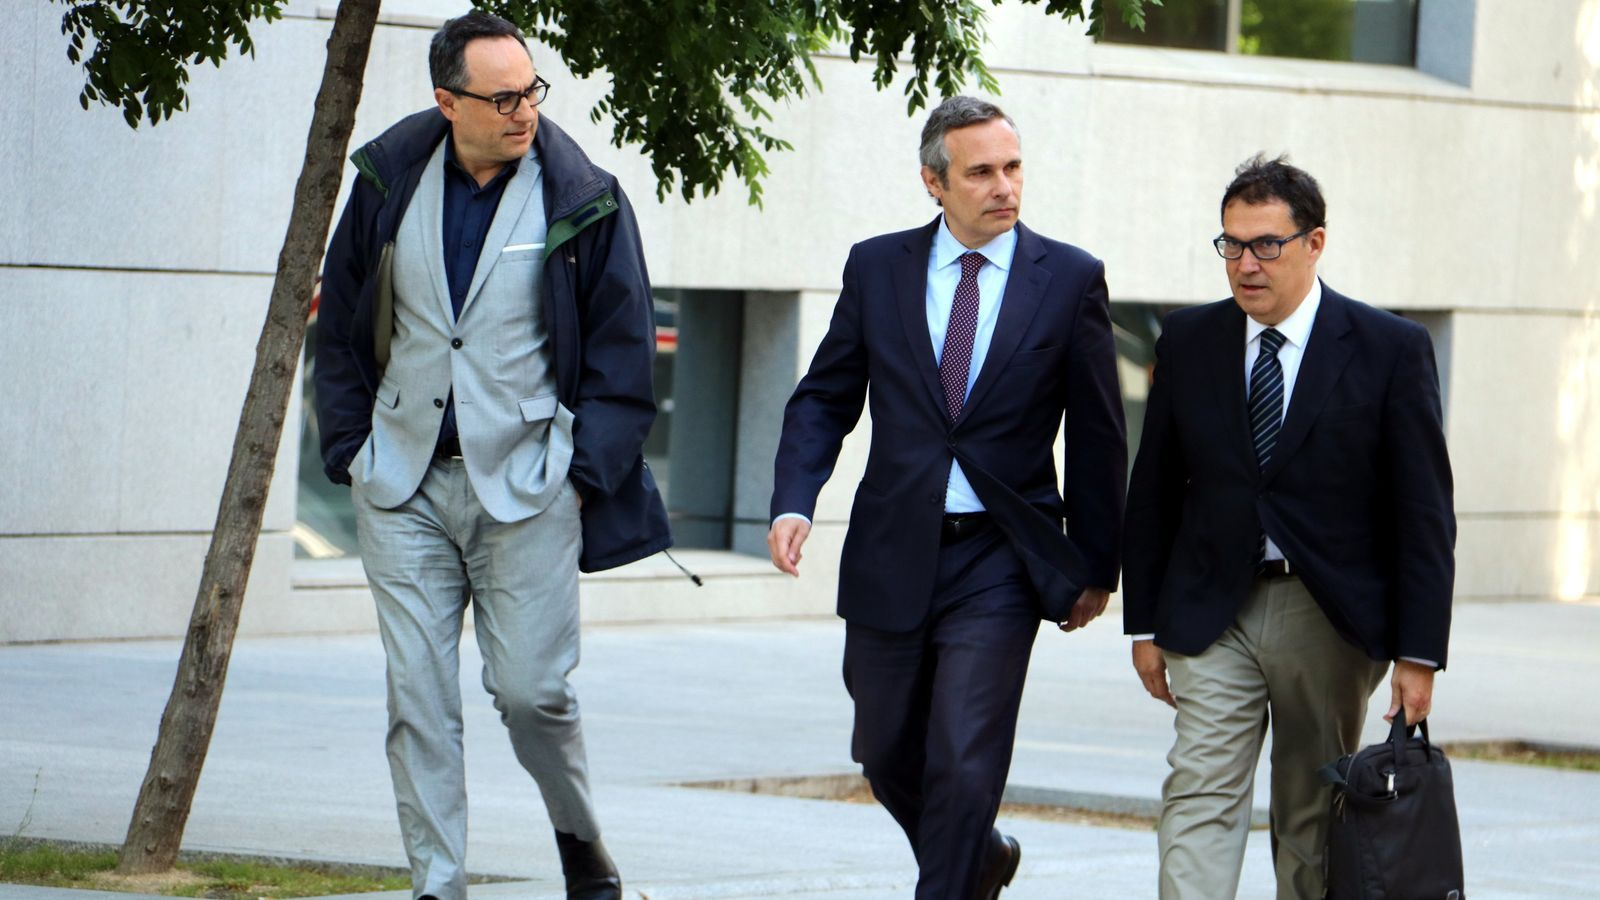 El jutge arxiva la causa per encobriment contra els acompanyants de Puigdemont